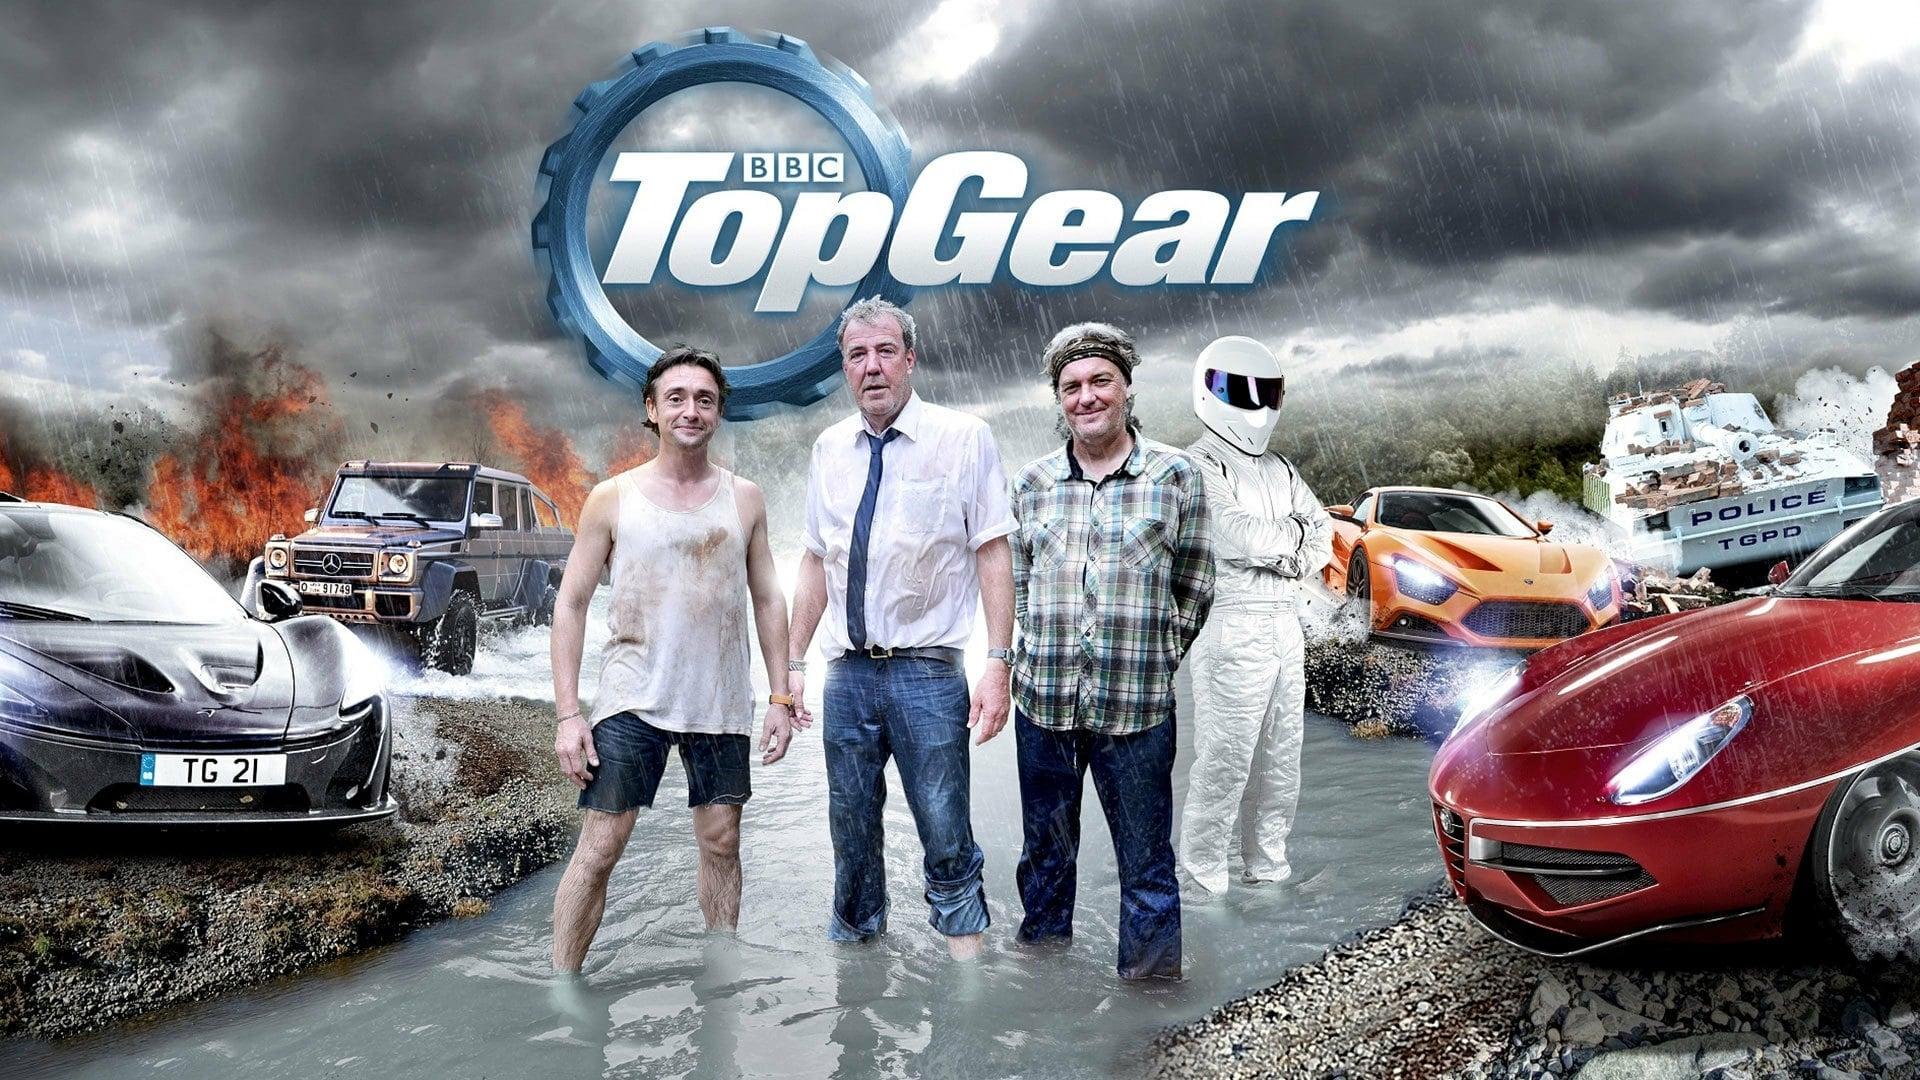 Top Gear Season 29 Episode 1